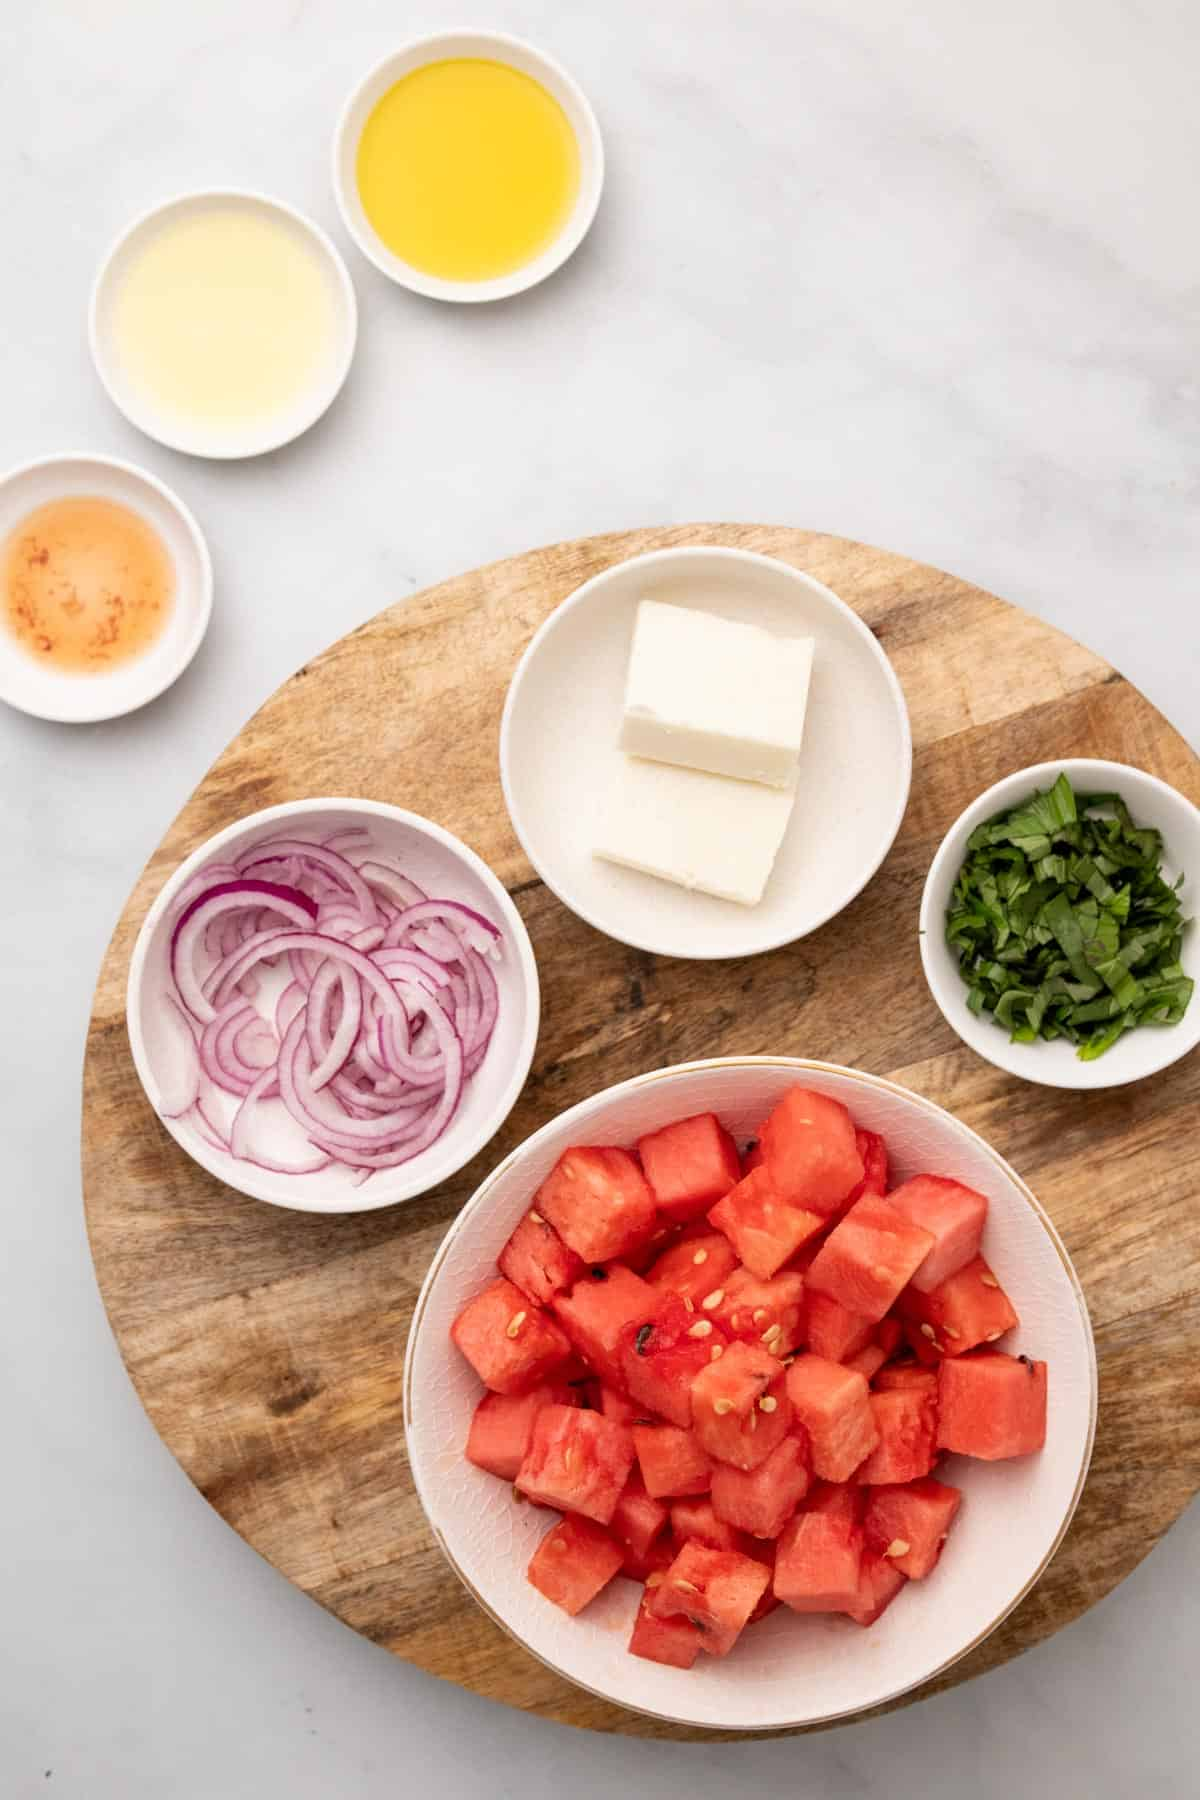 Salad ingredients in separate ramekins, as seen from above